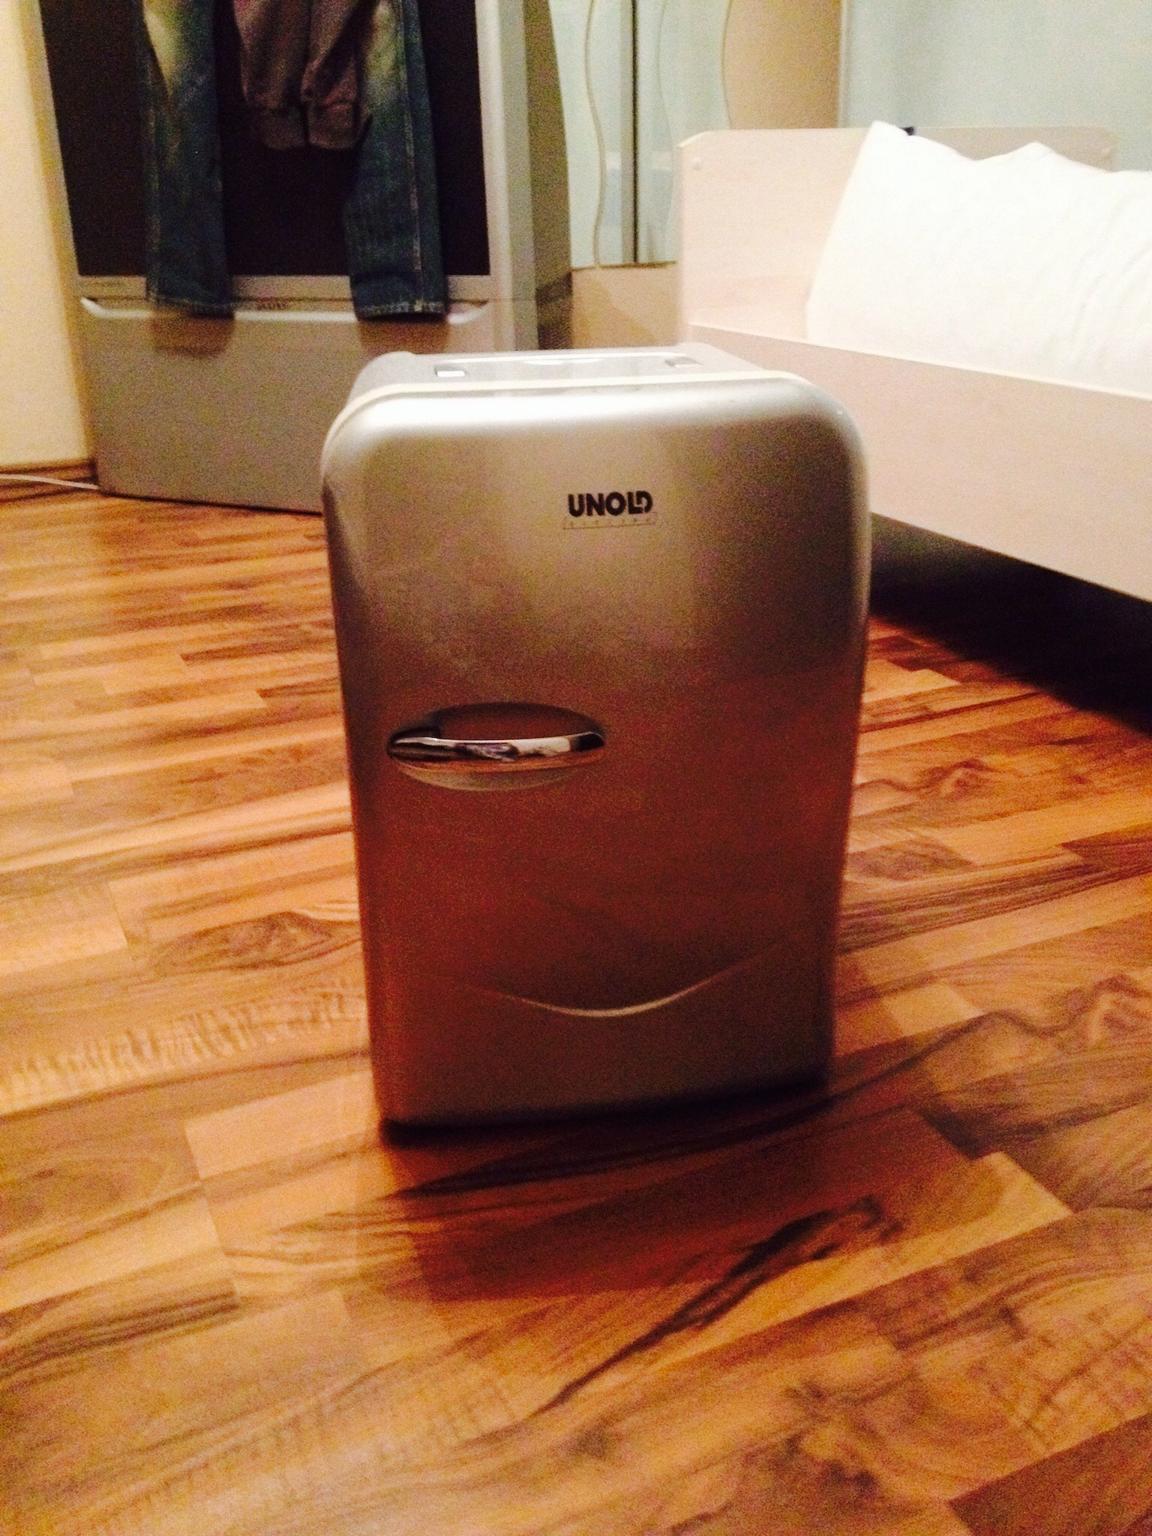 Mini Kühlschrank Unold : Unold wasserkocher mediamarkt